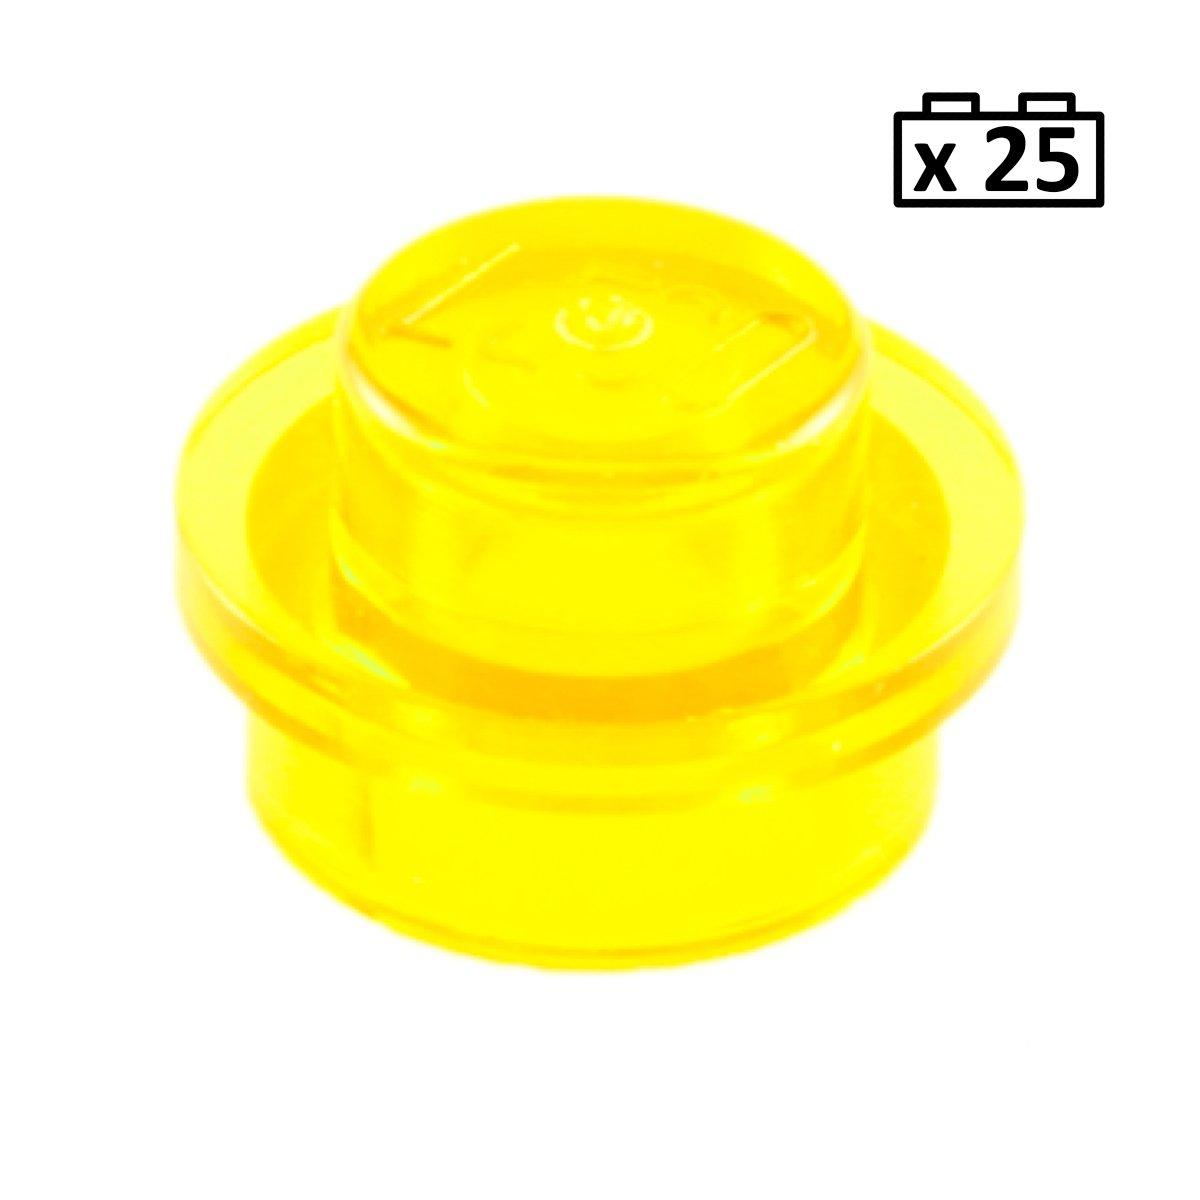 NEW x25 Lego Plates 1 x 1 1x1 Round Orange Plate